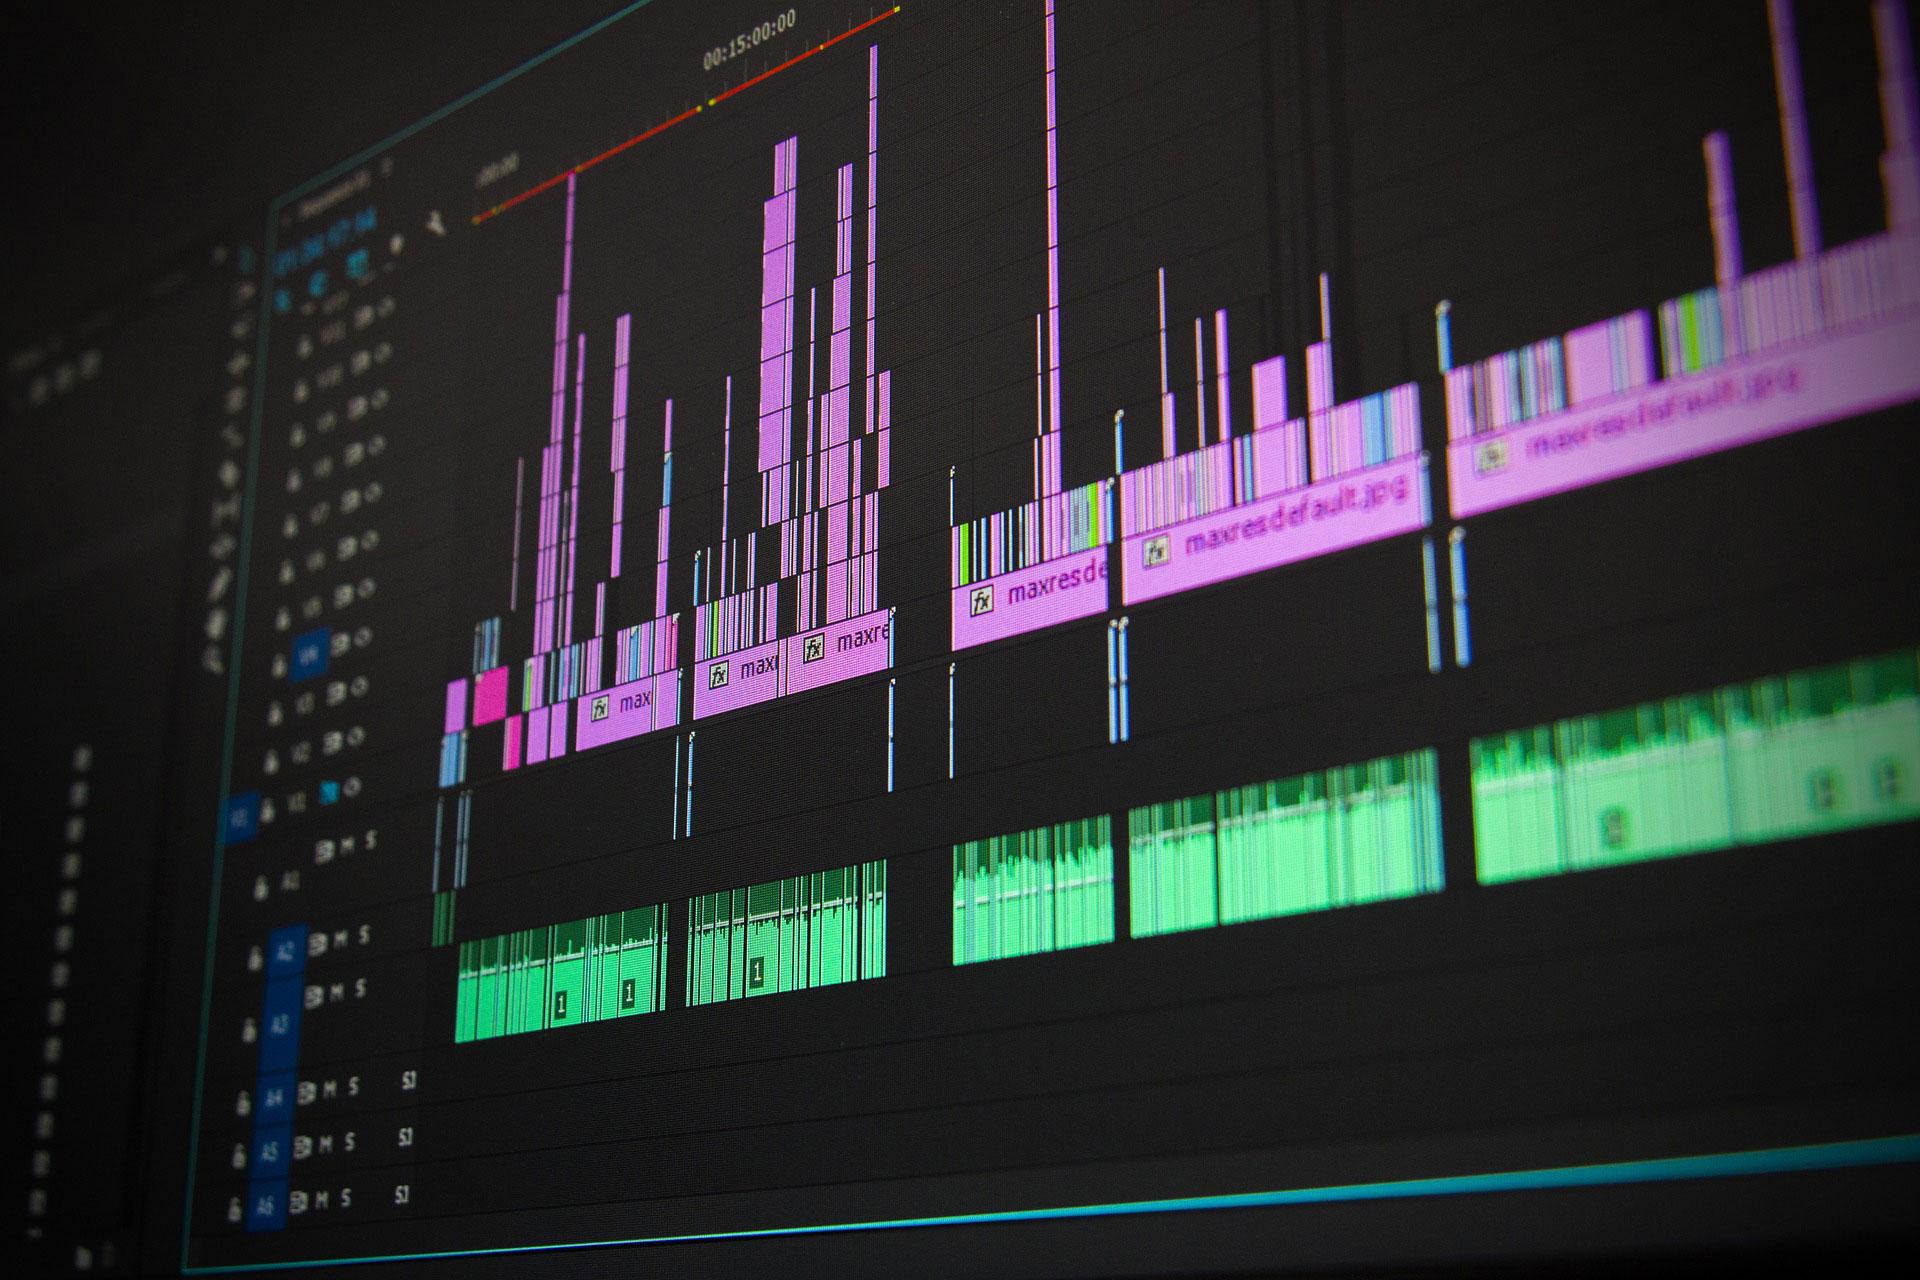 Video Bearbeitungsprogramm